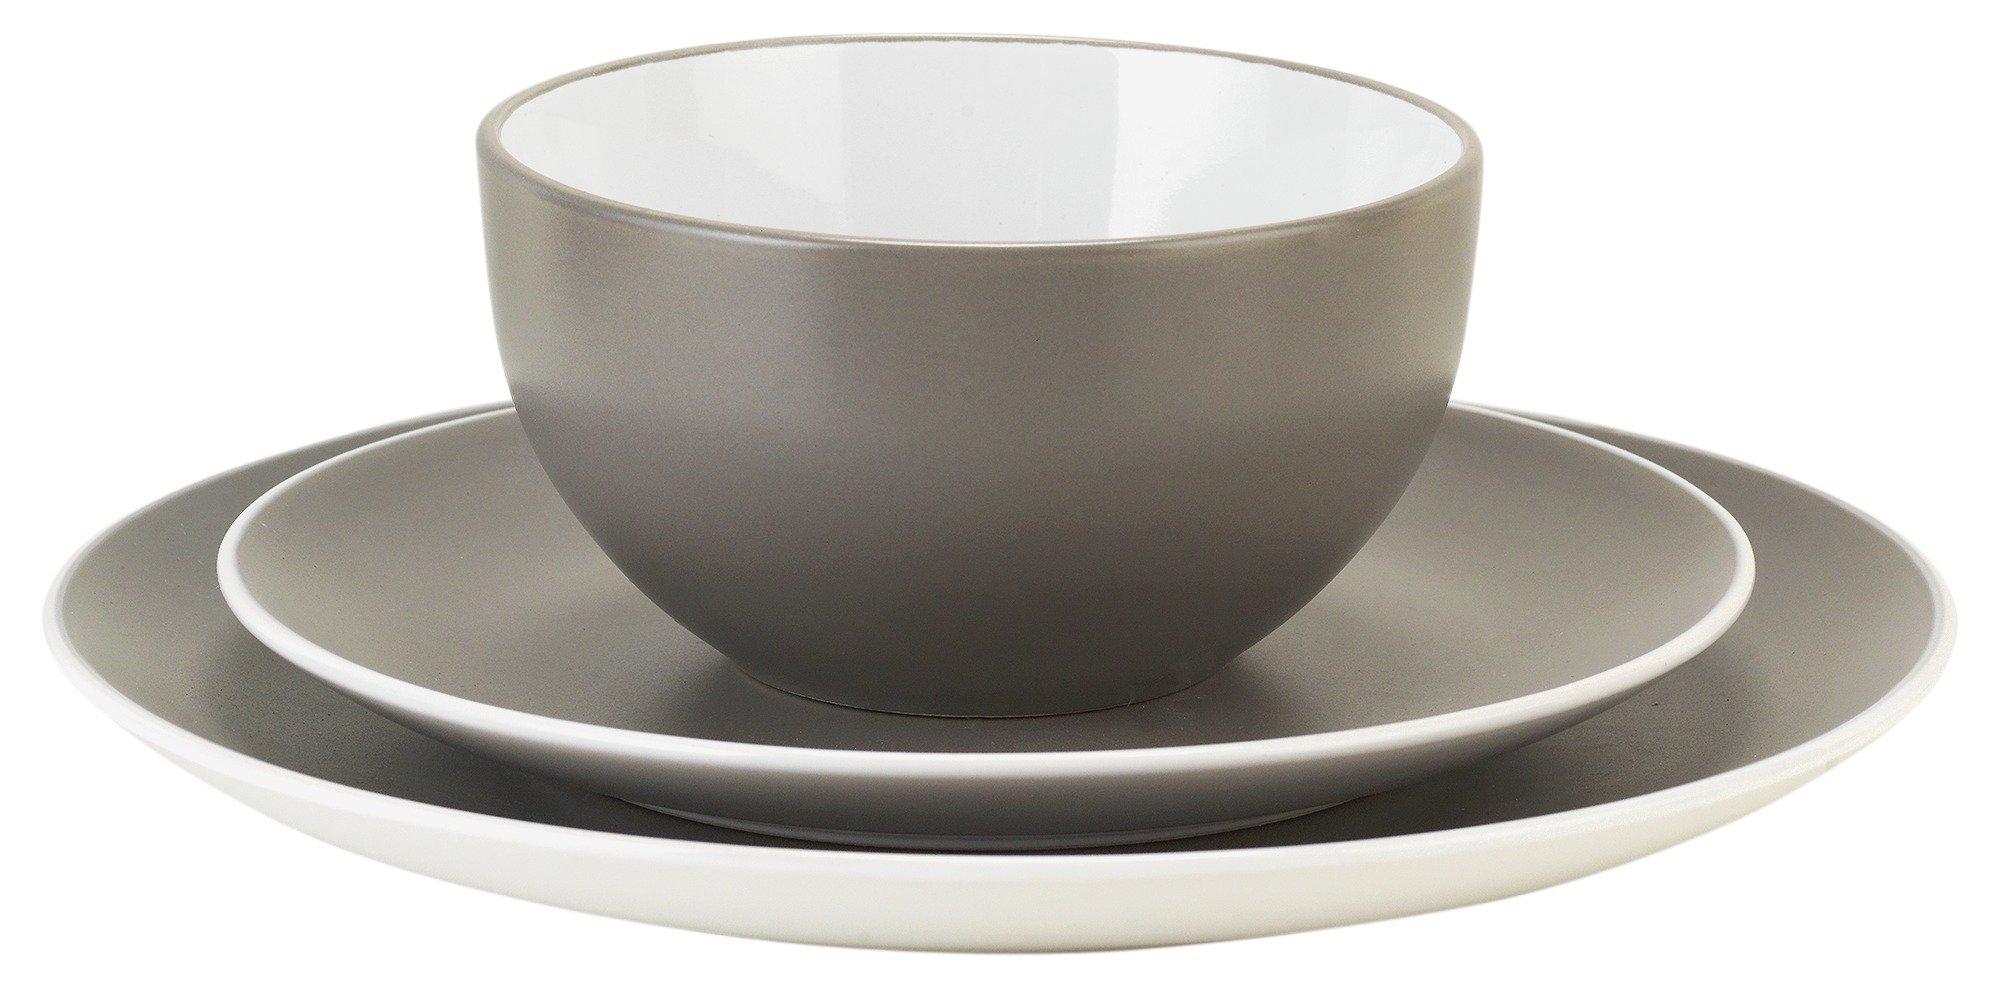 Argos Home 12 Piece Stoneware Dinner Set - Flint Grey